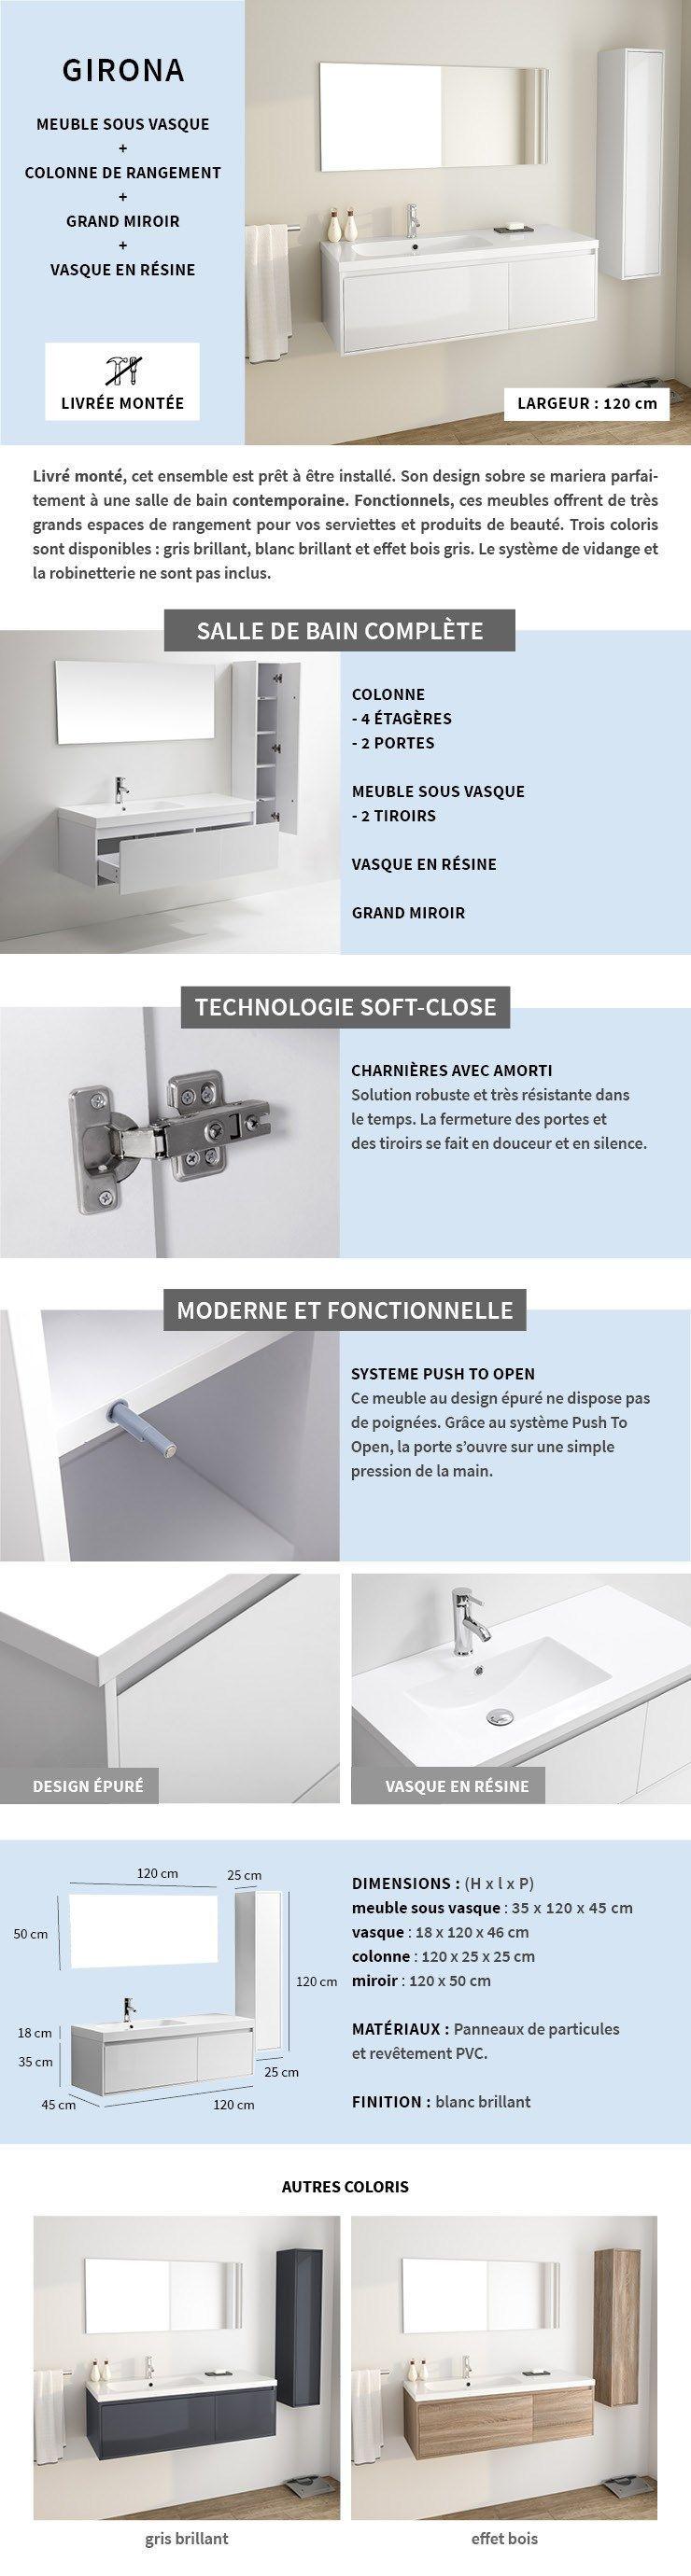 Meuble Salle De Bain Girona girona salle de bain complète simple vasque l 120 cm - blanc